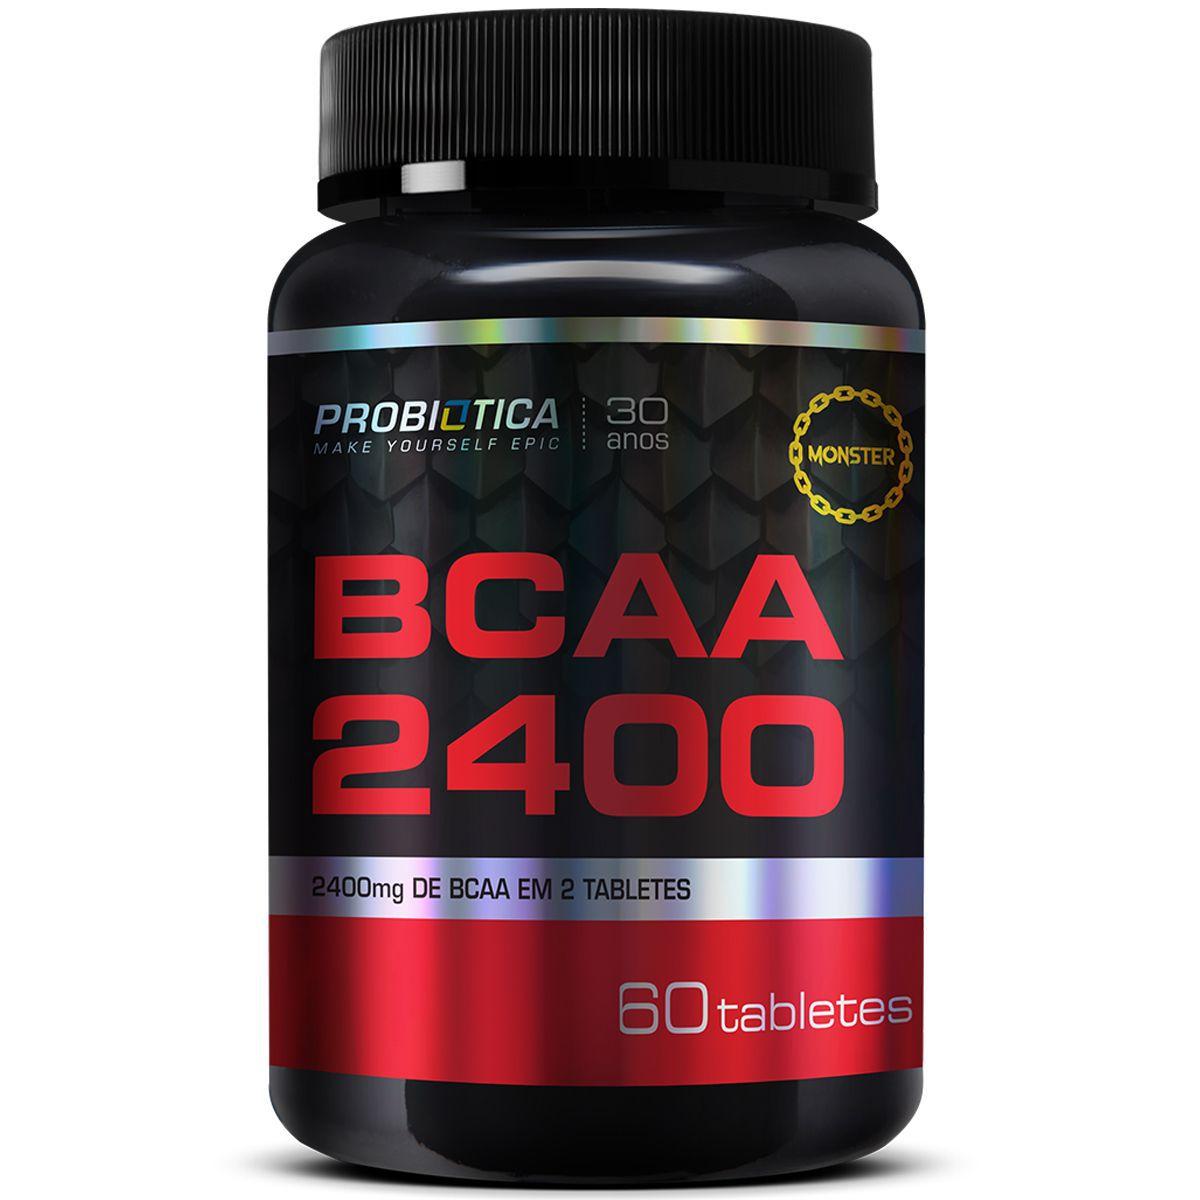 BCAA 2400 Probiotica - 60 tabletes